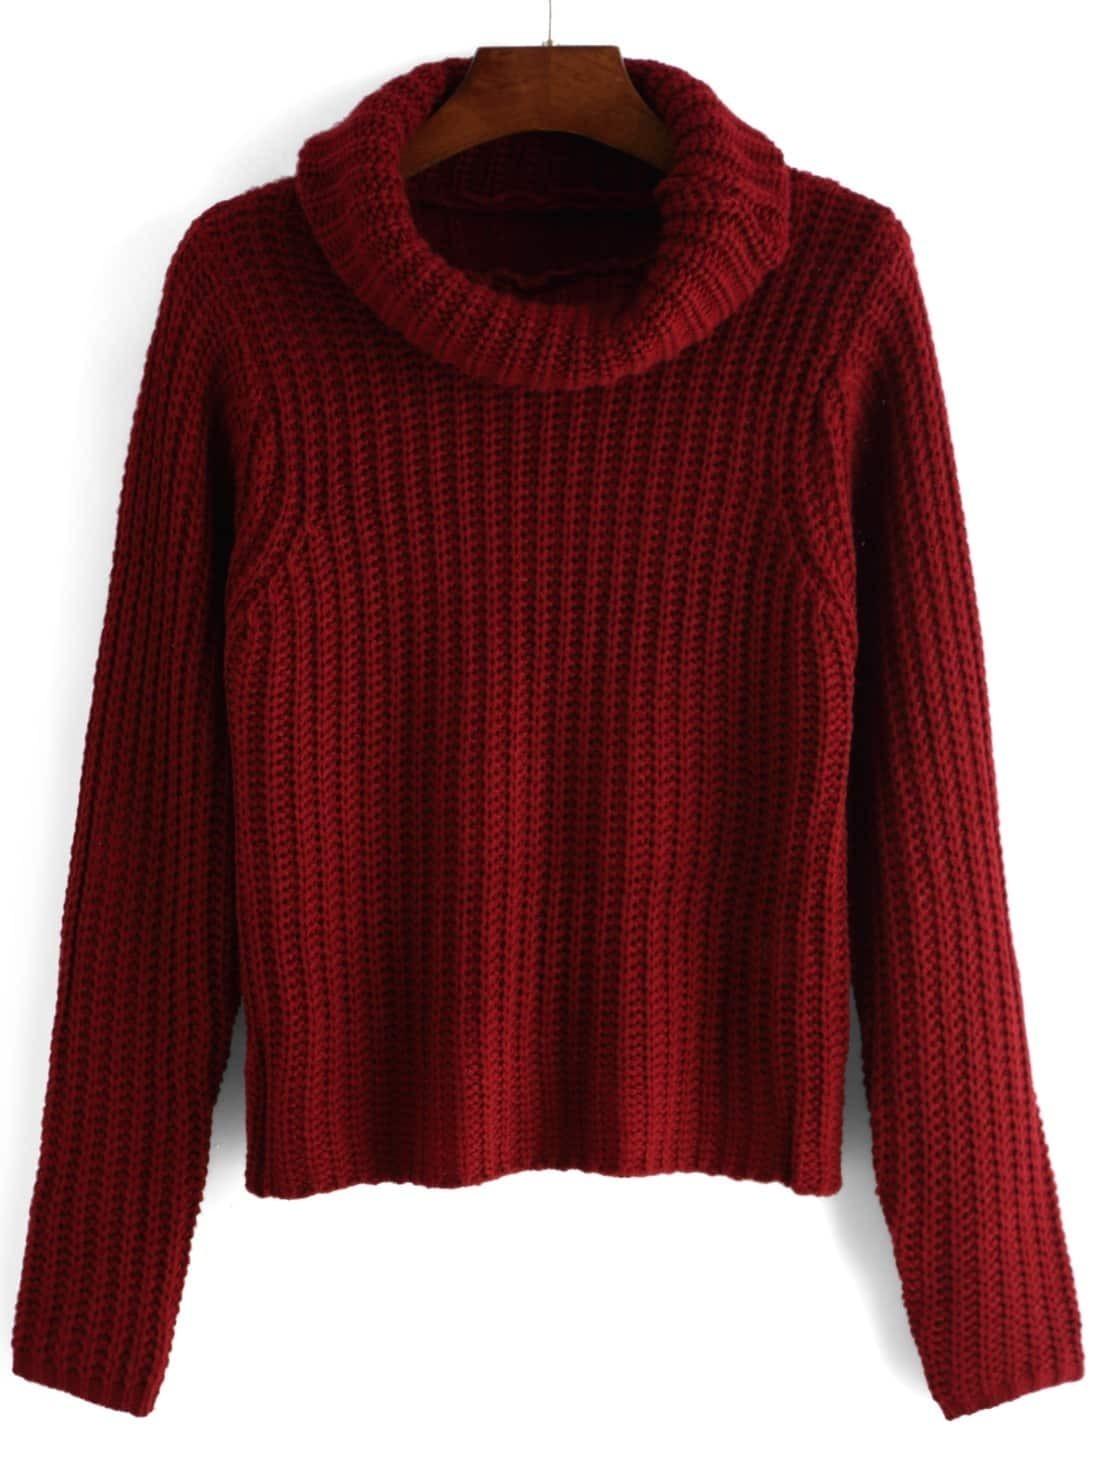 Turtleneck Long Sleeve Red Sweater -ROMWE